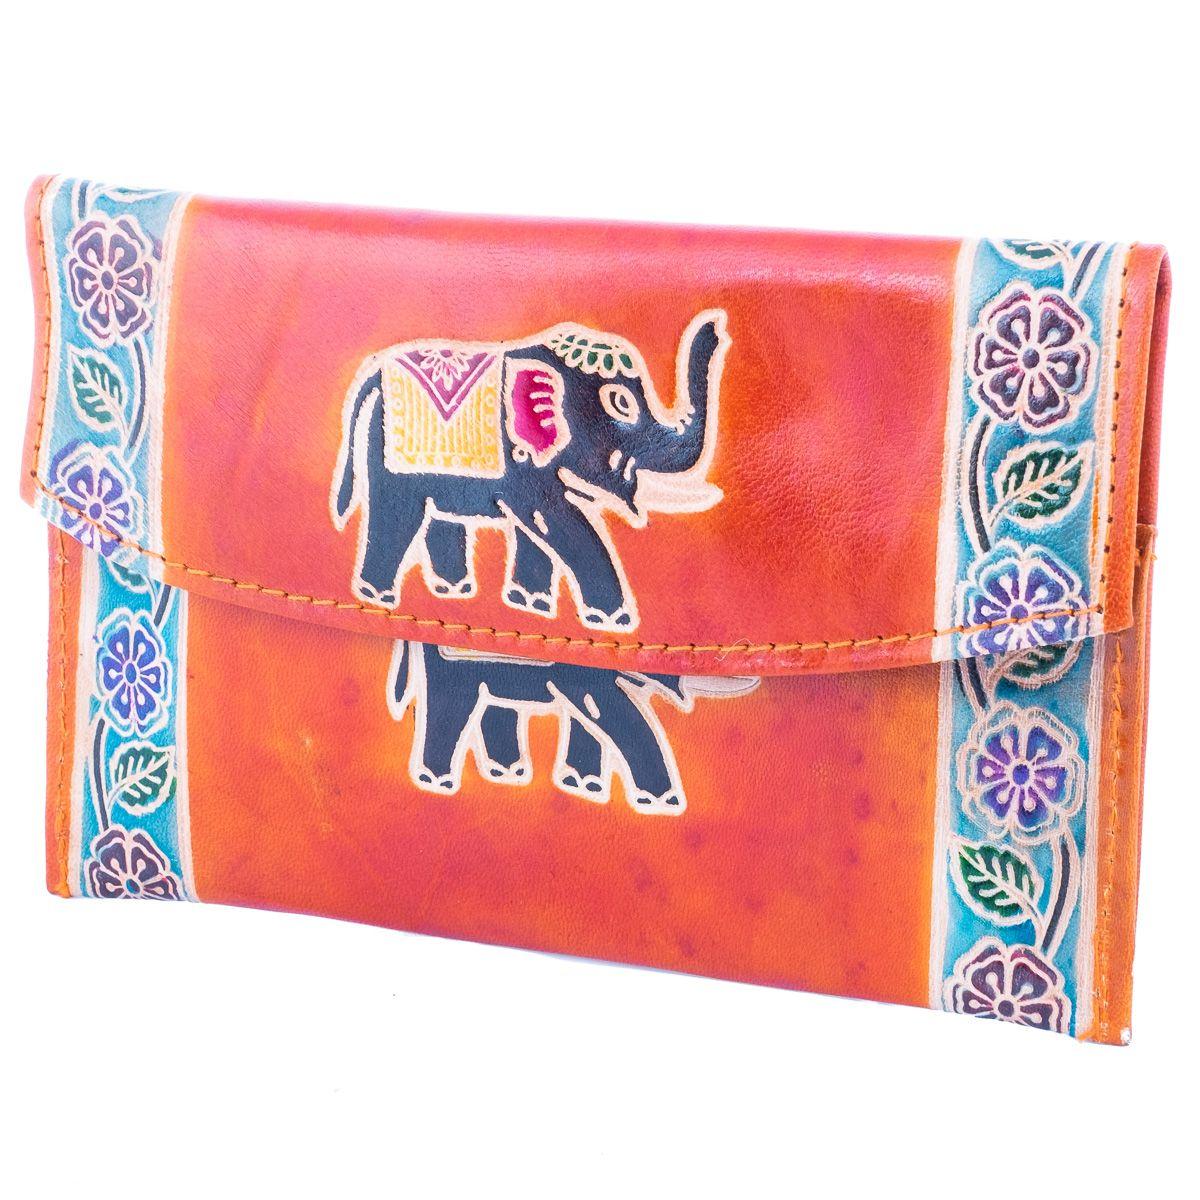 Leather wallet Elephant 3in1 - orange